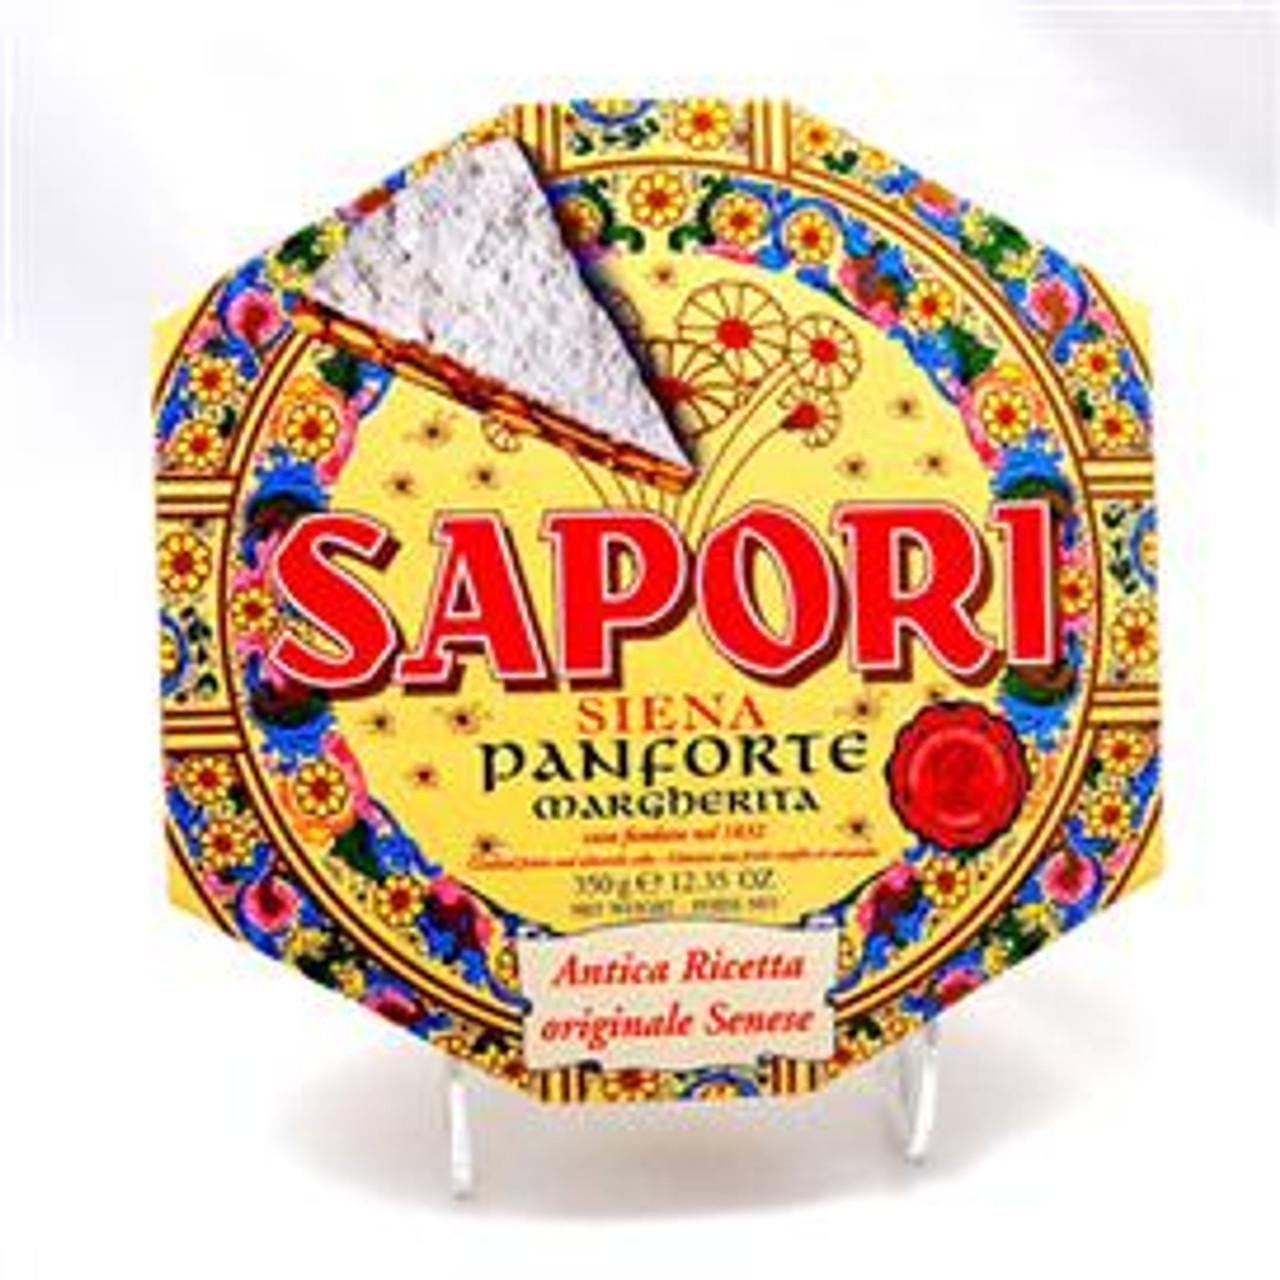 Sapori Panforte Margherita